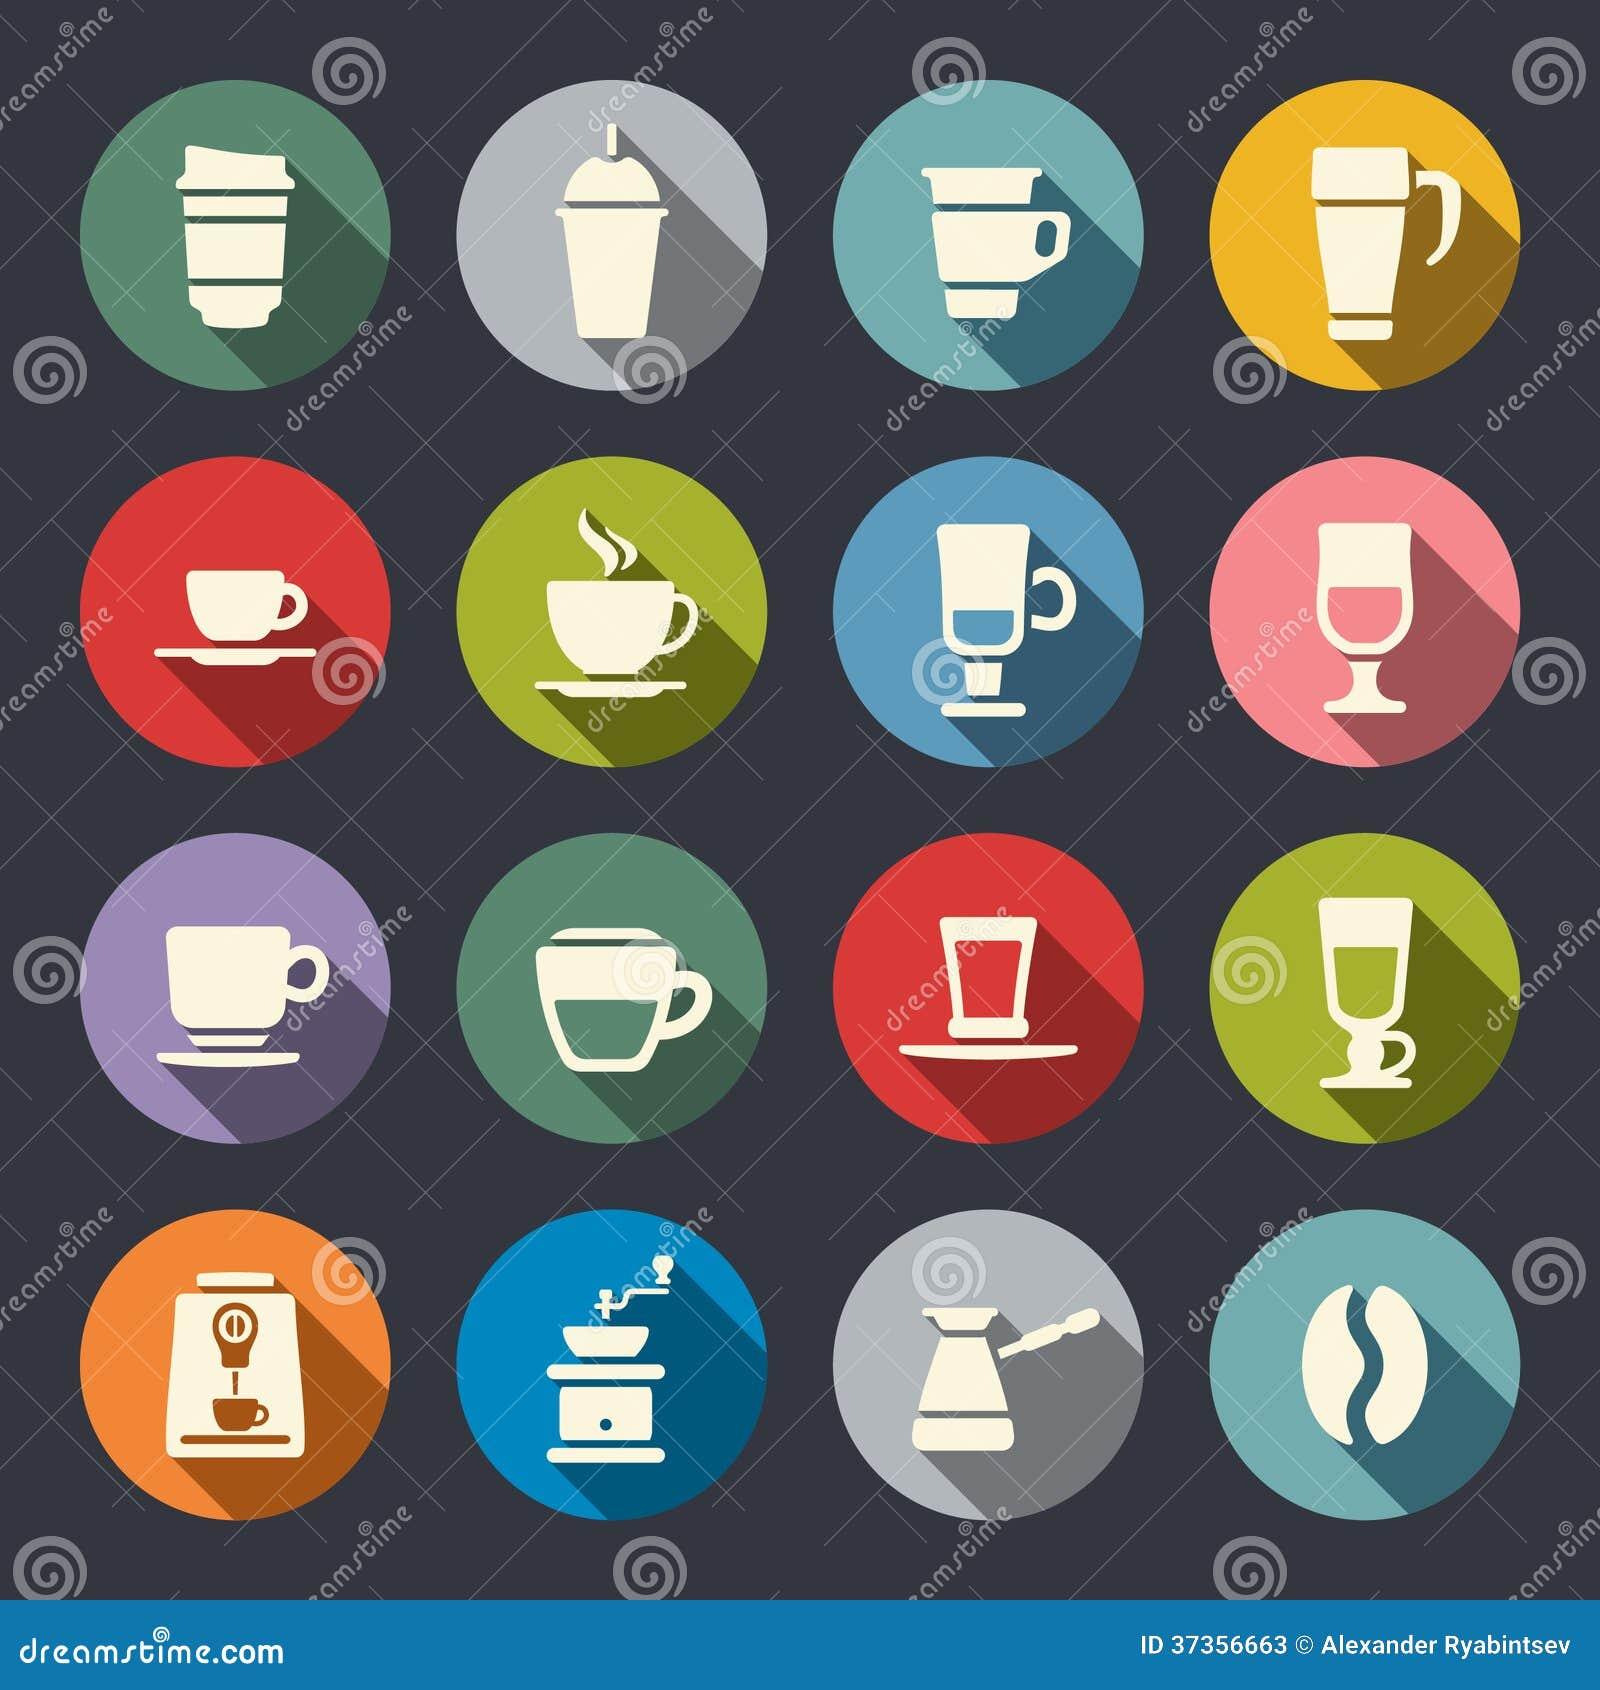 Plana symboler för kaffe. Vektorillustration